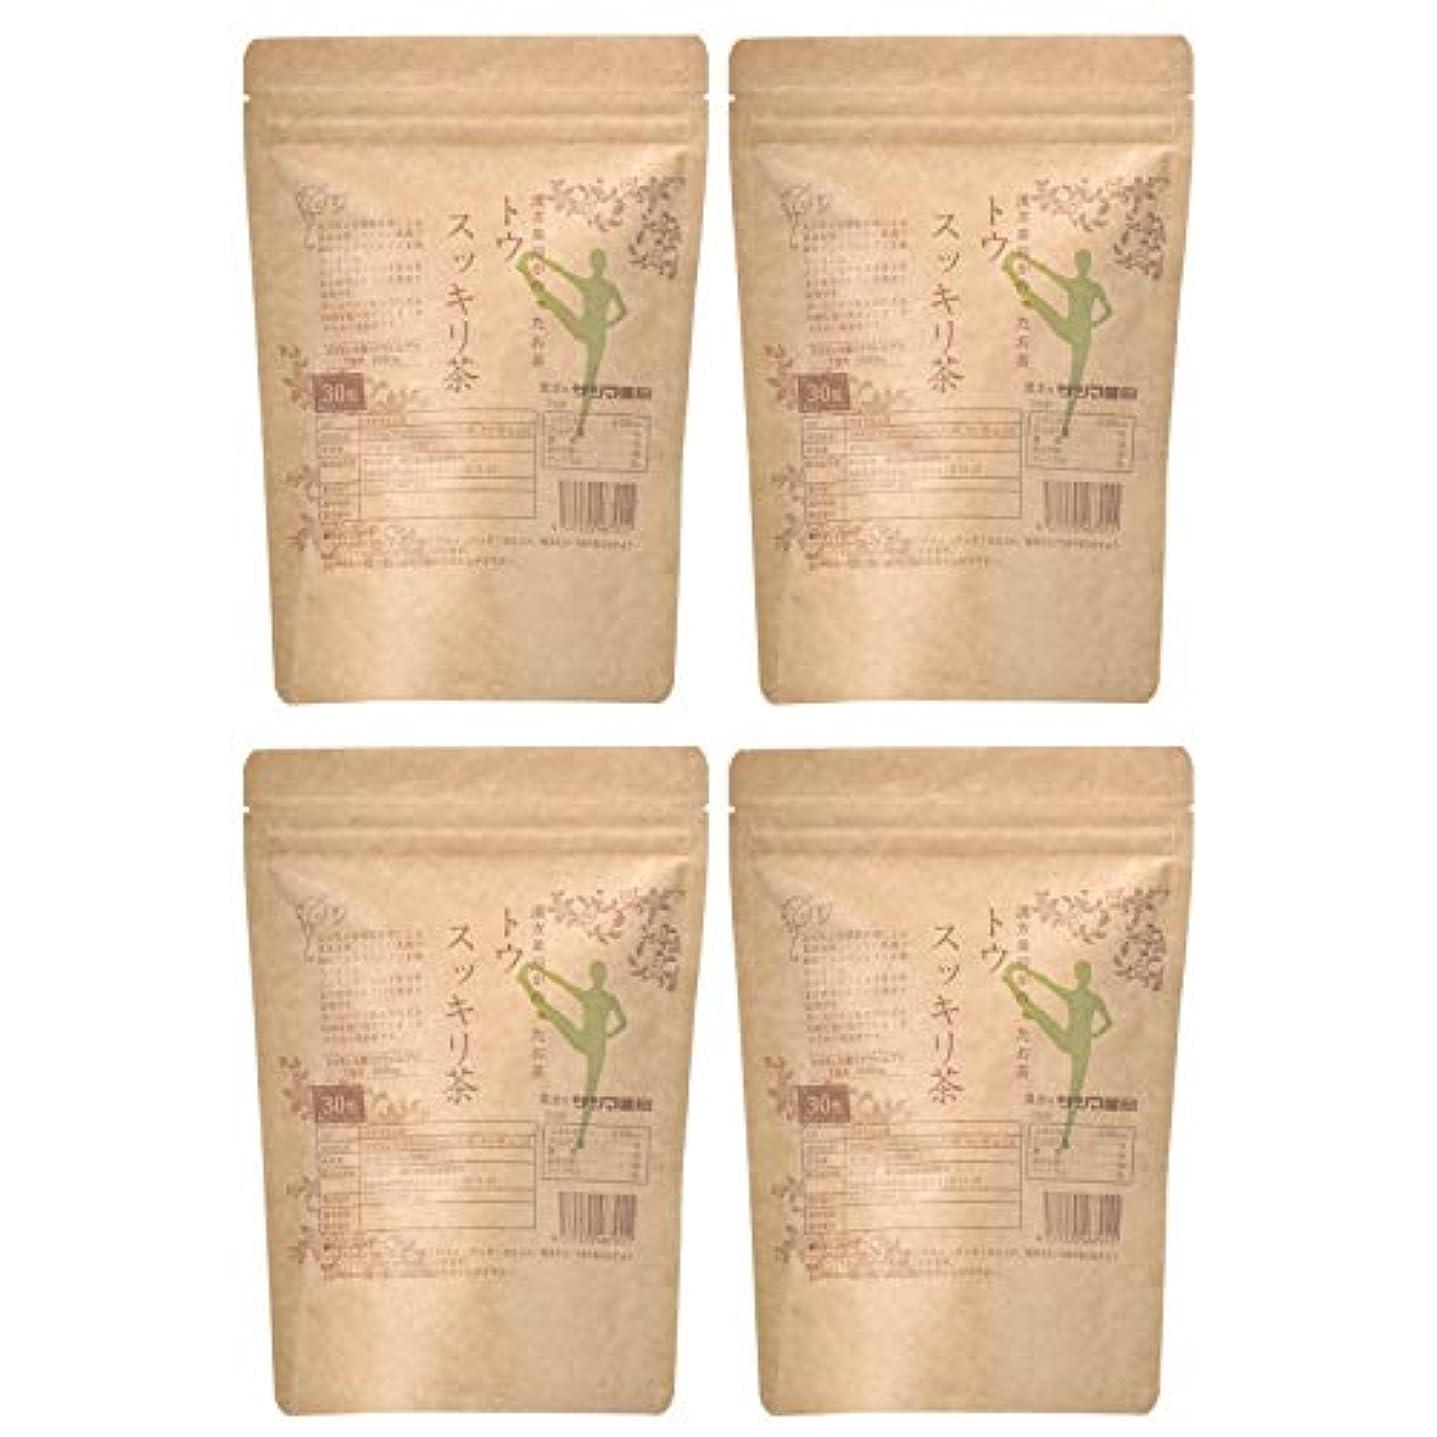 バウンス一掃する意気消沈したサツマ薬局 ダイエットティー トウスッキリ茶 120包(30包×4) ティーパック 高濃度コタラヒム茶 ほうじ茶